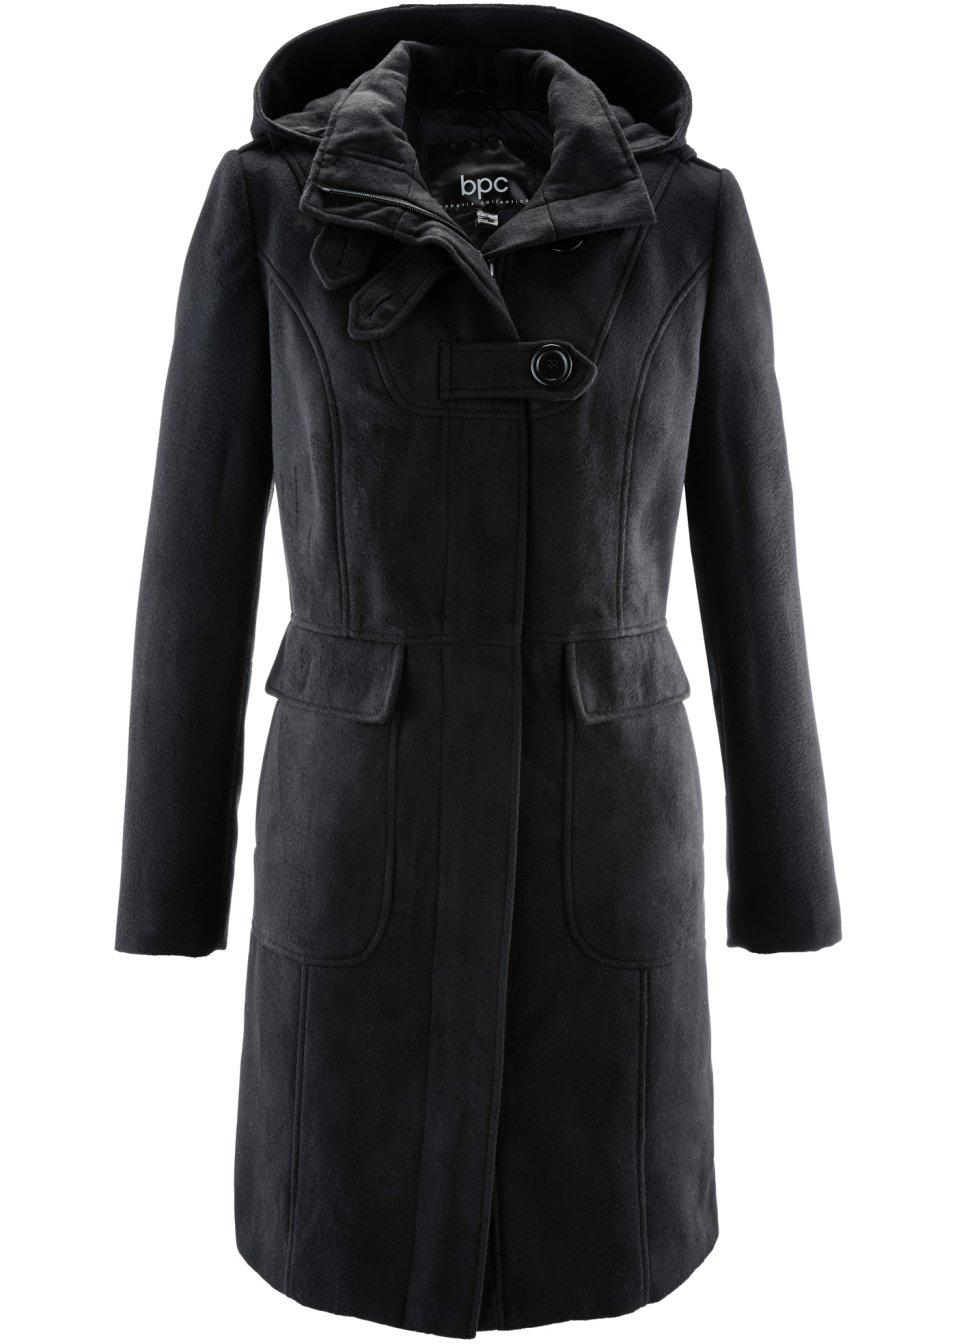 manteau noir femme. Black Bedroom Furniture Sets. Home Design Ideas